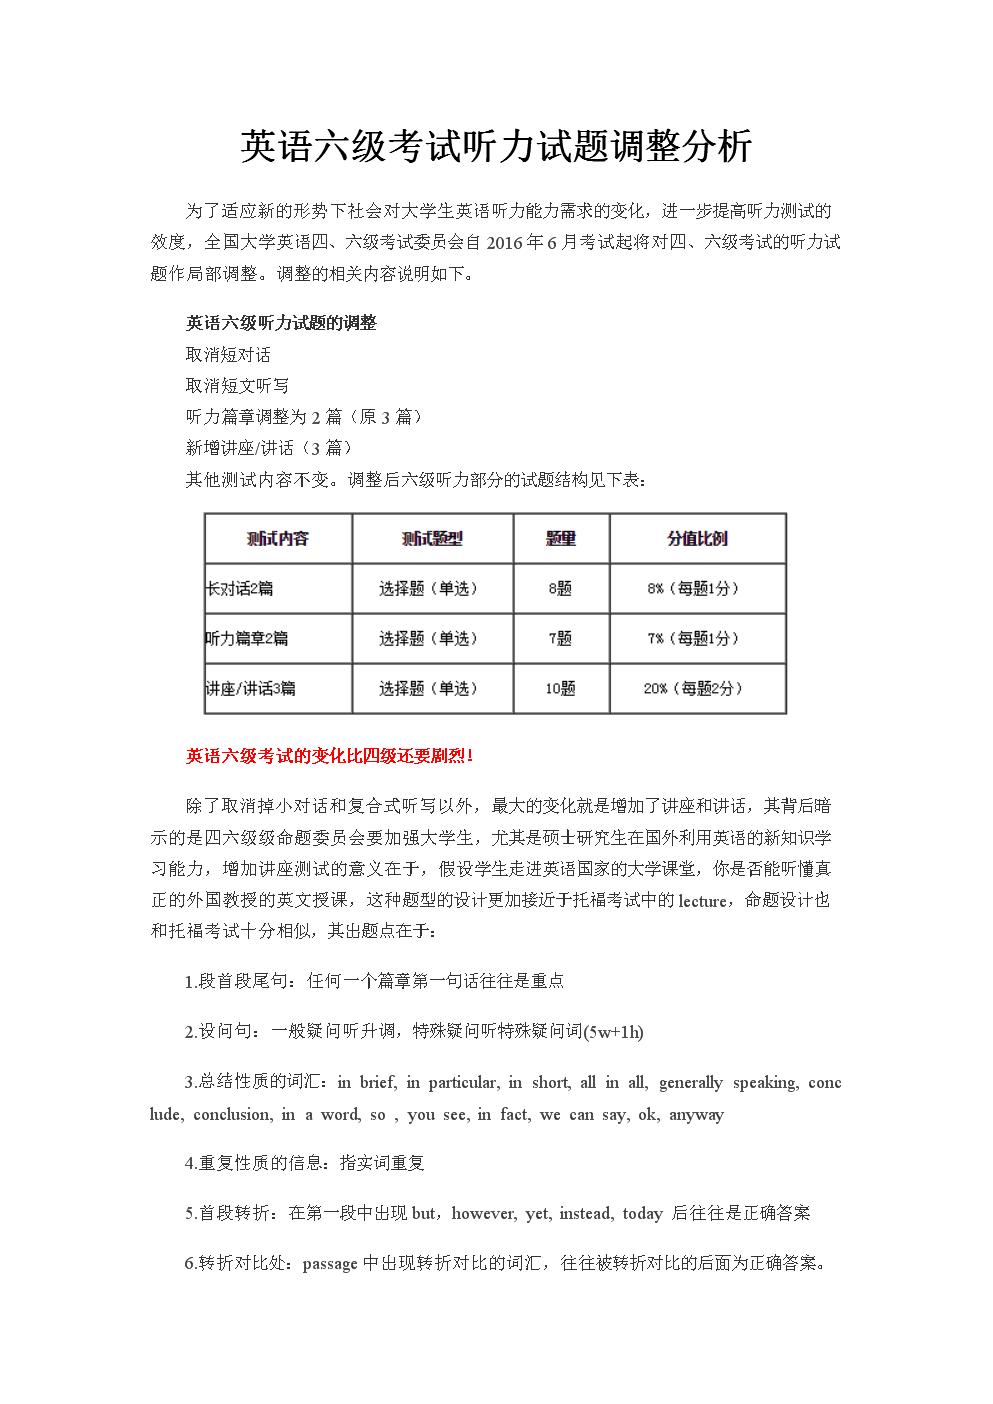 英语六级考试听力试题调整分析 - 副本.docx